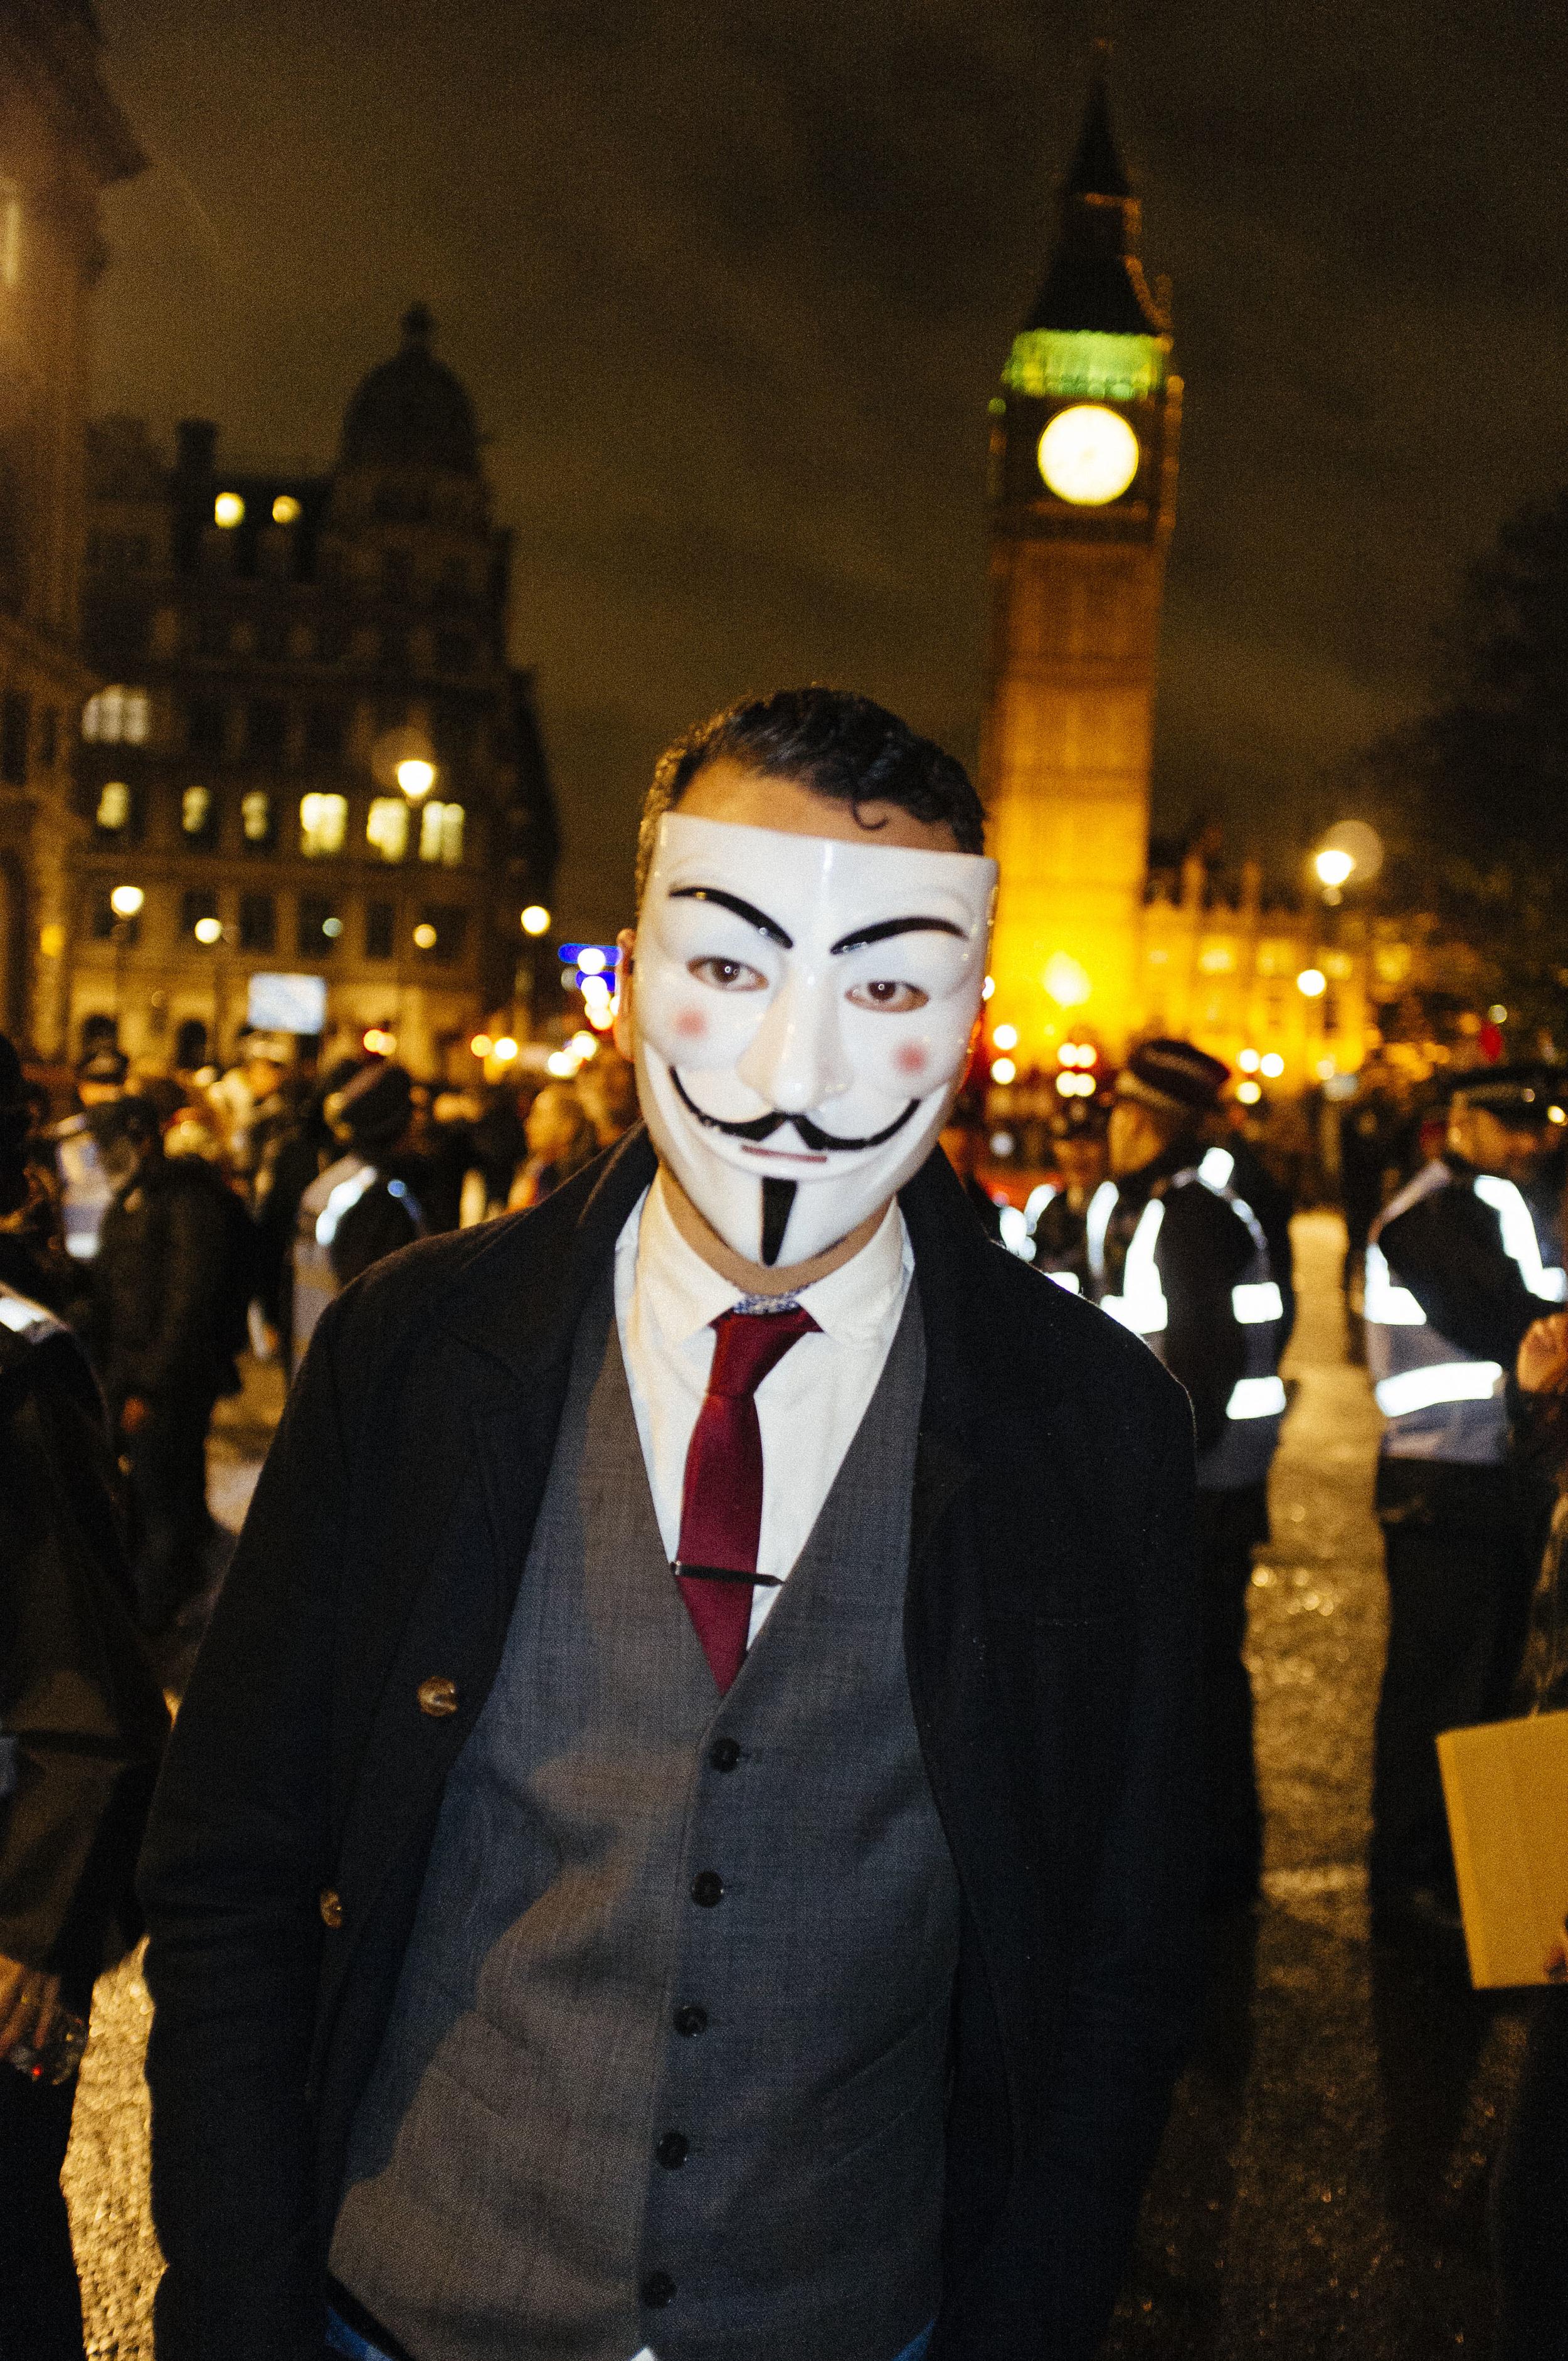 Million Mask March 5 Nov - 2015